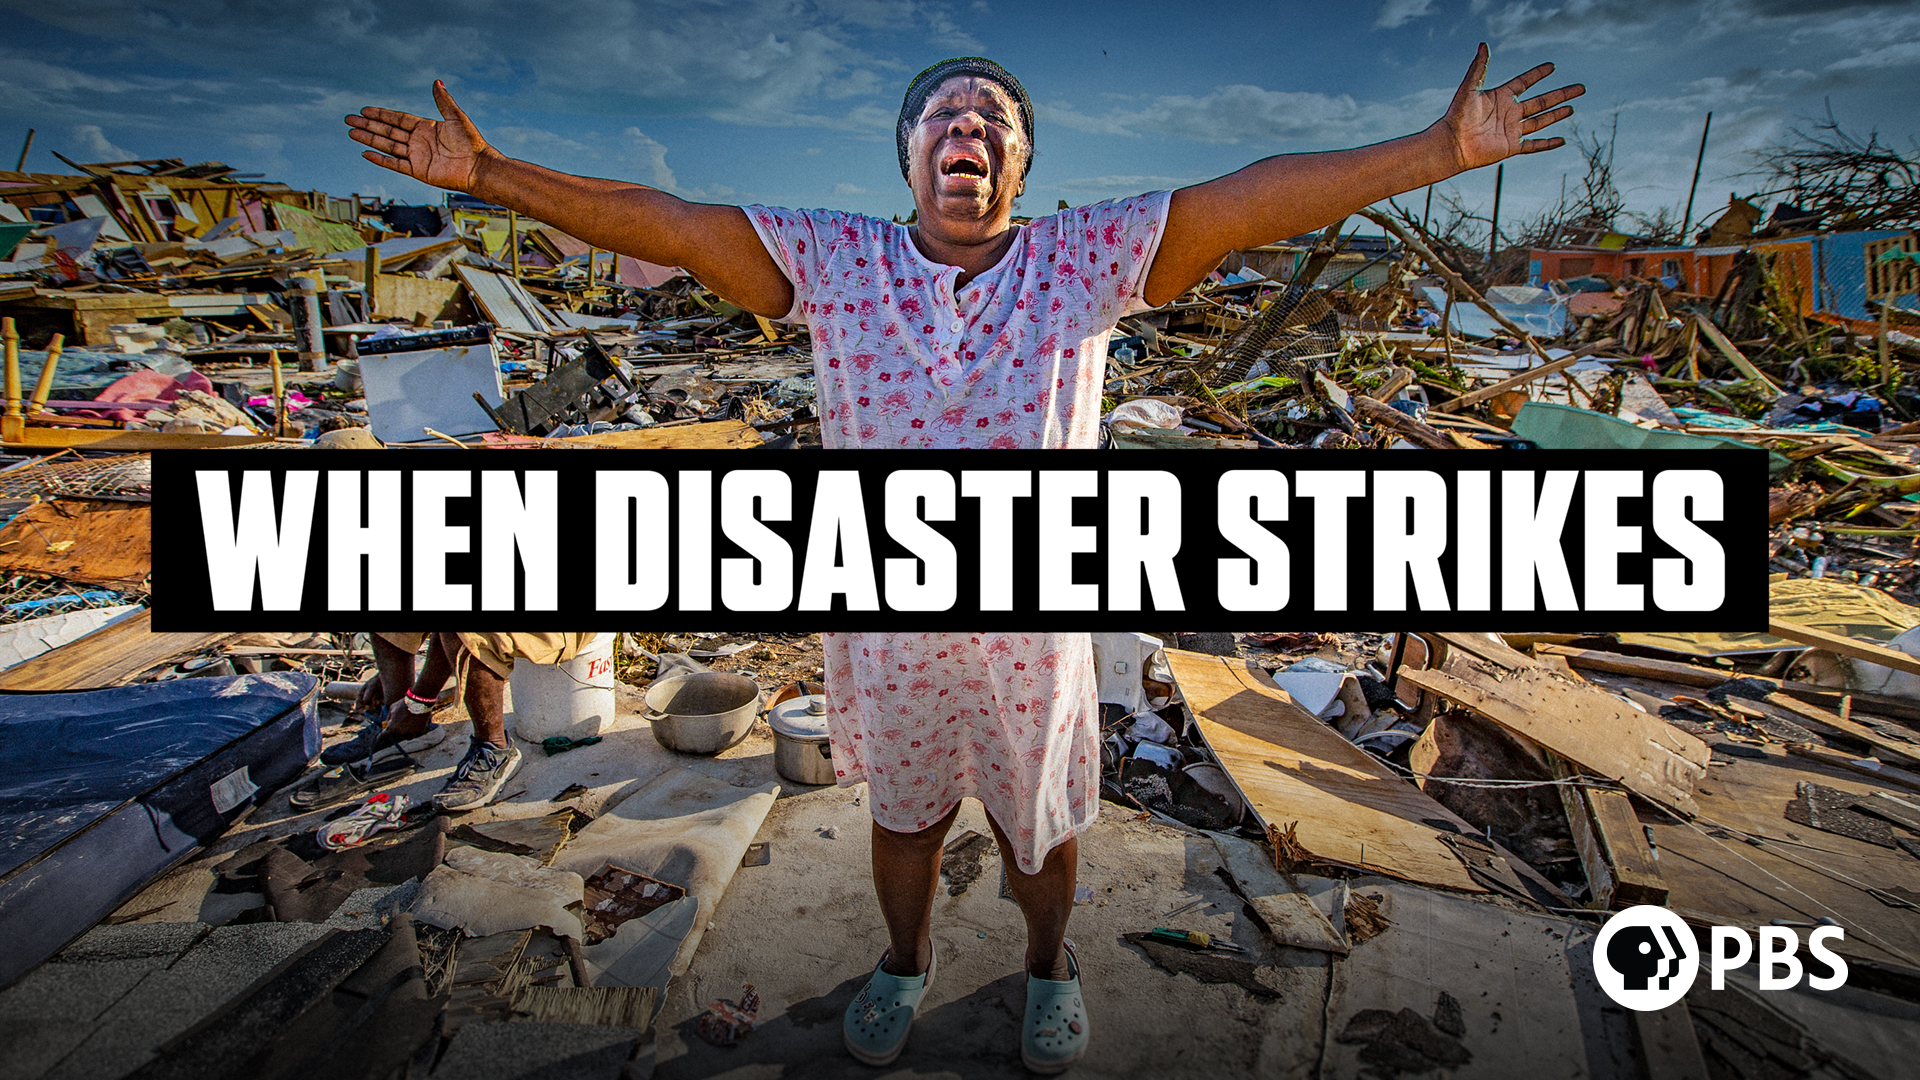 When Disaster Strikes, Season 1